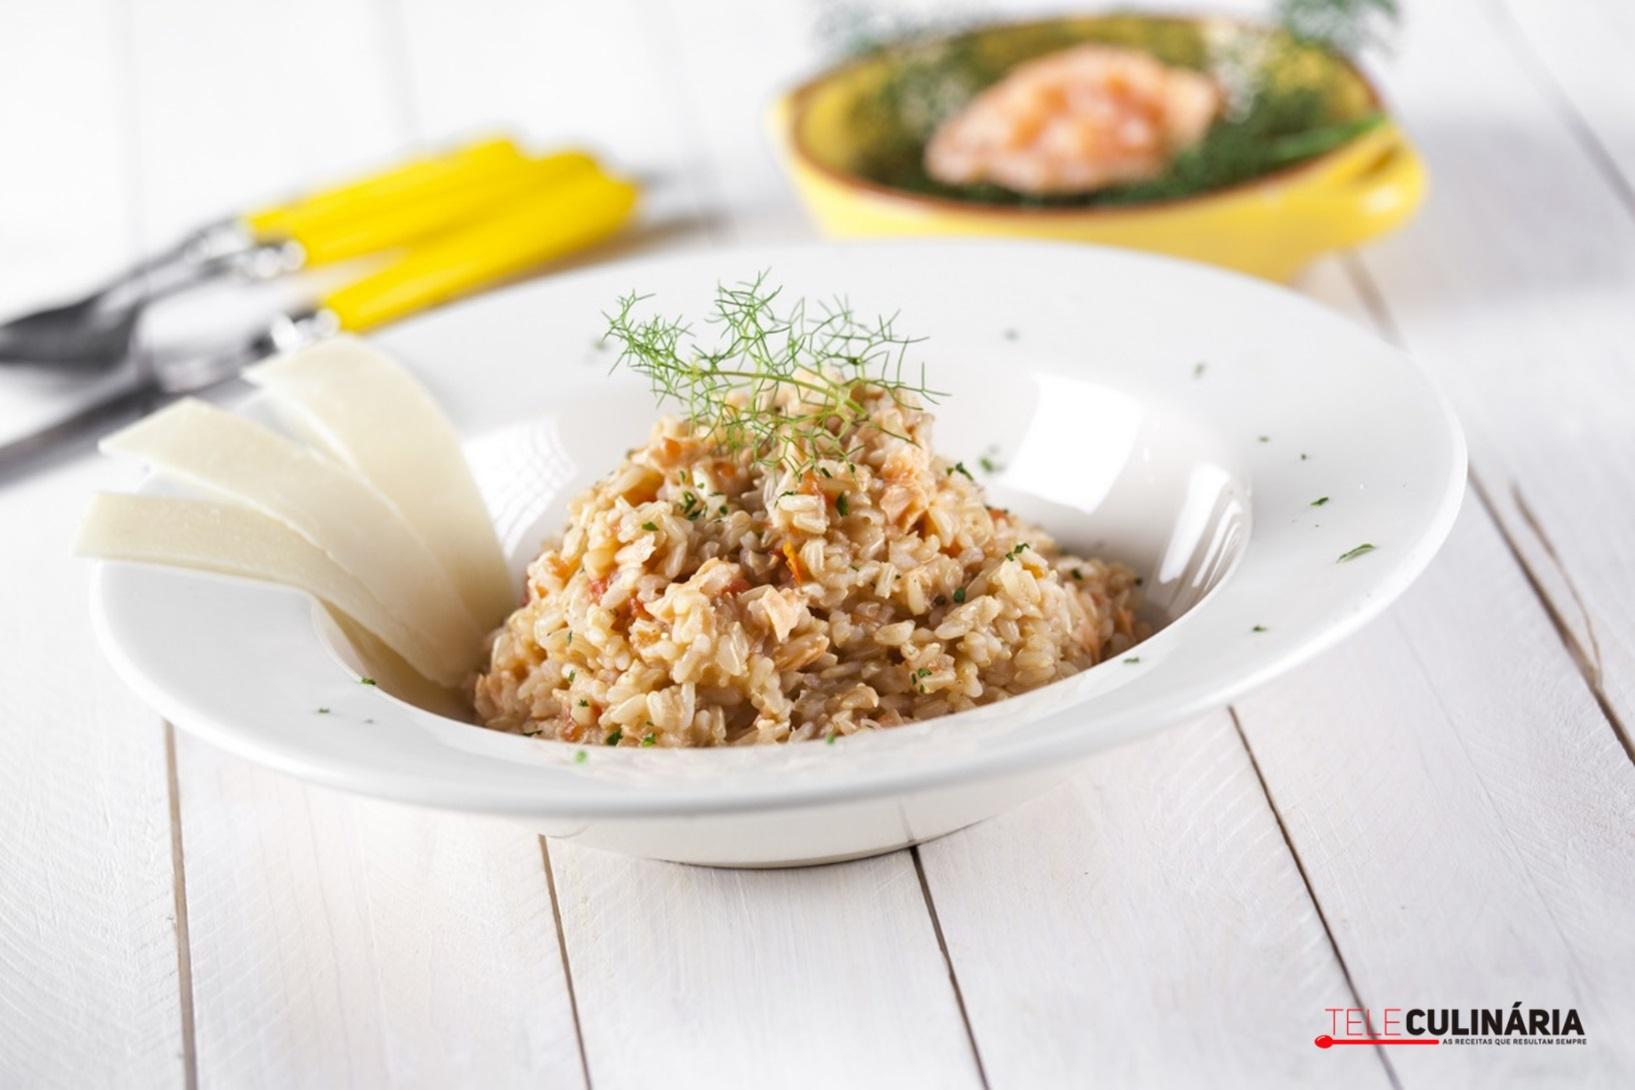 Risotto de arroz integral com salm o fumado sapo lifestyle - Risotto arroz integral ...